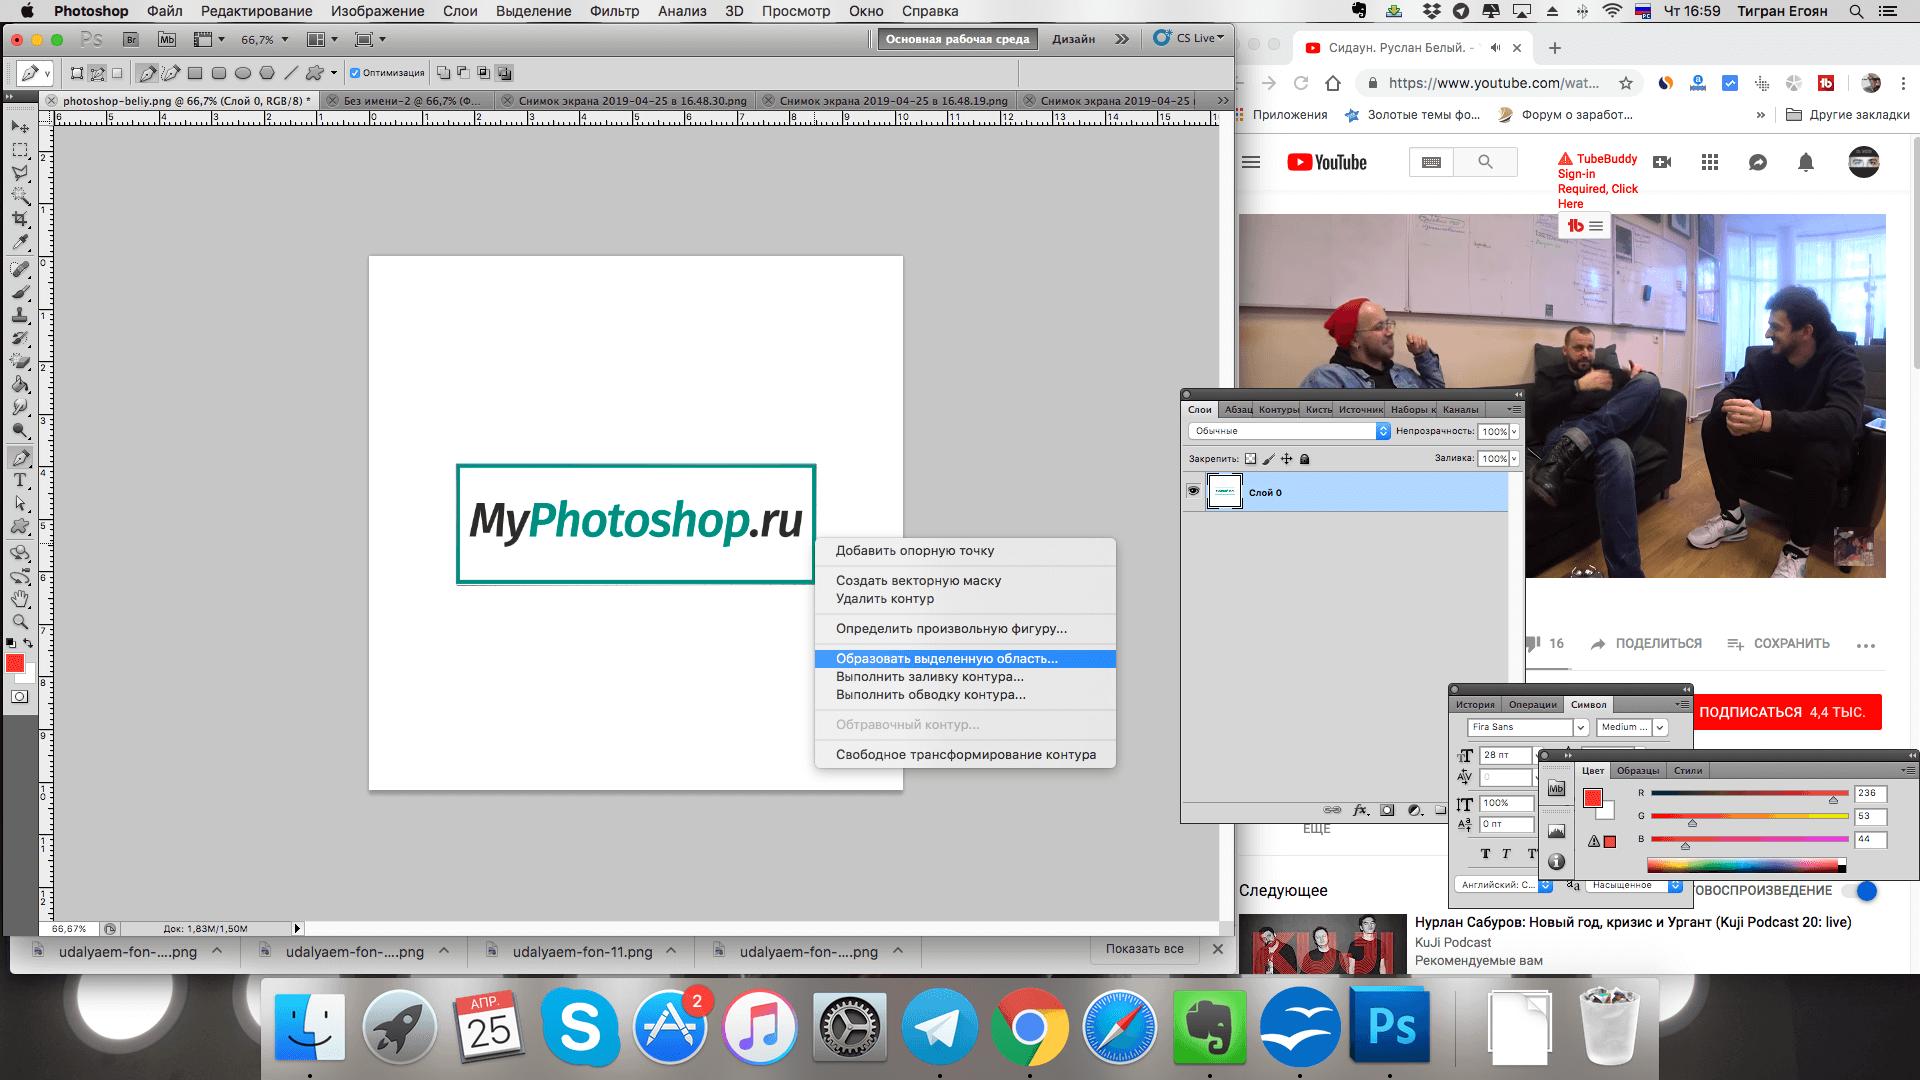 Photoshop-та фондық үлгіні қалай жасауға болады